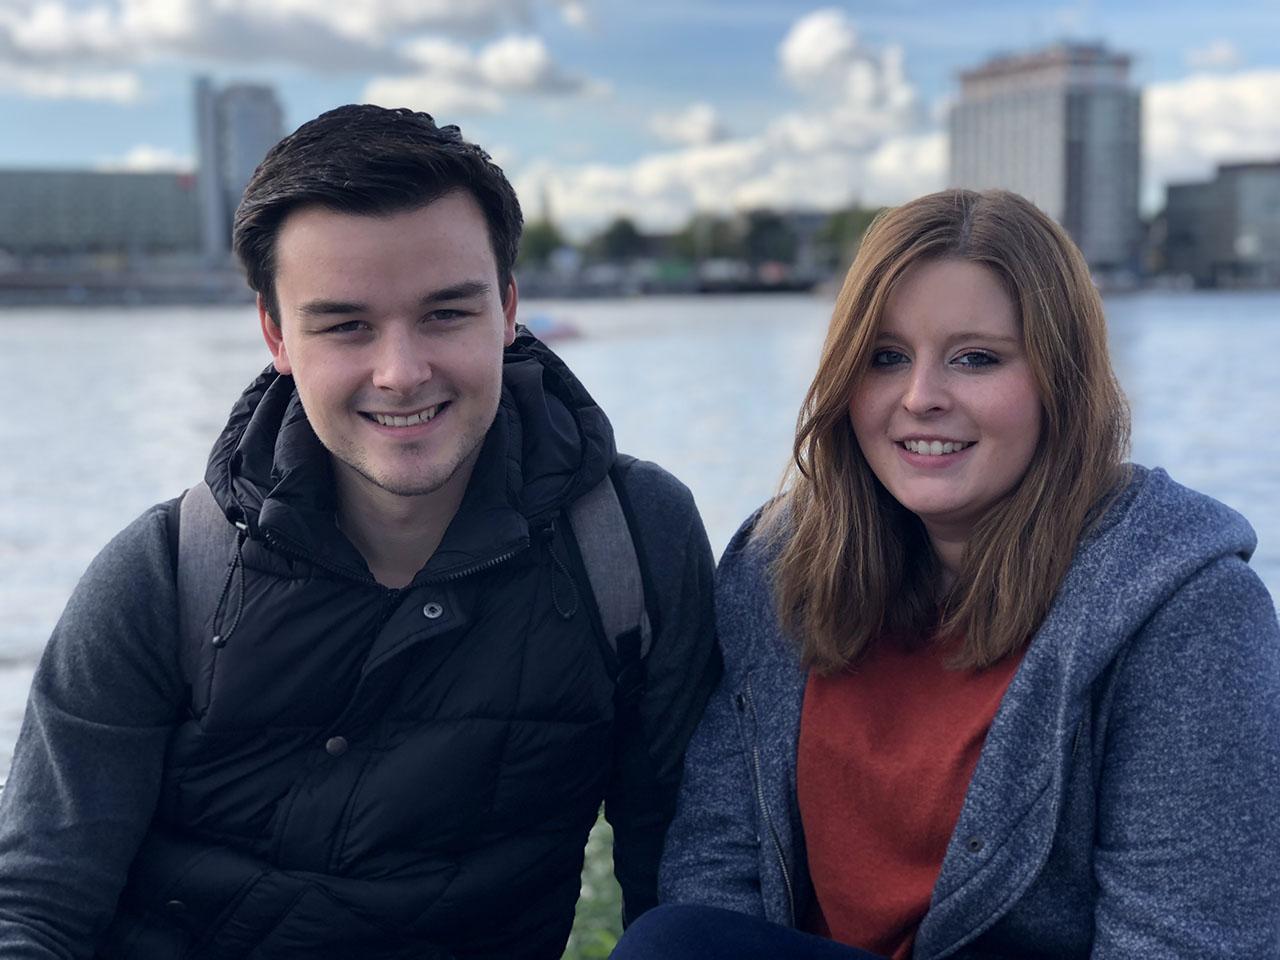 Twee mensen aan het IJ, foto gemaakt met iPhone 8 Plus